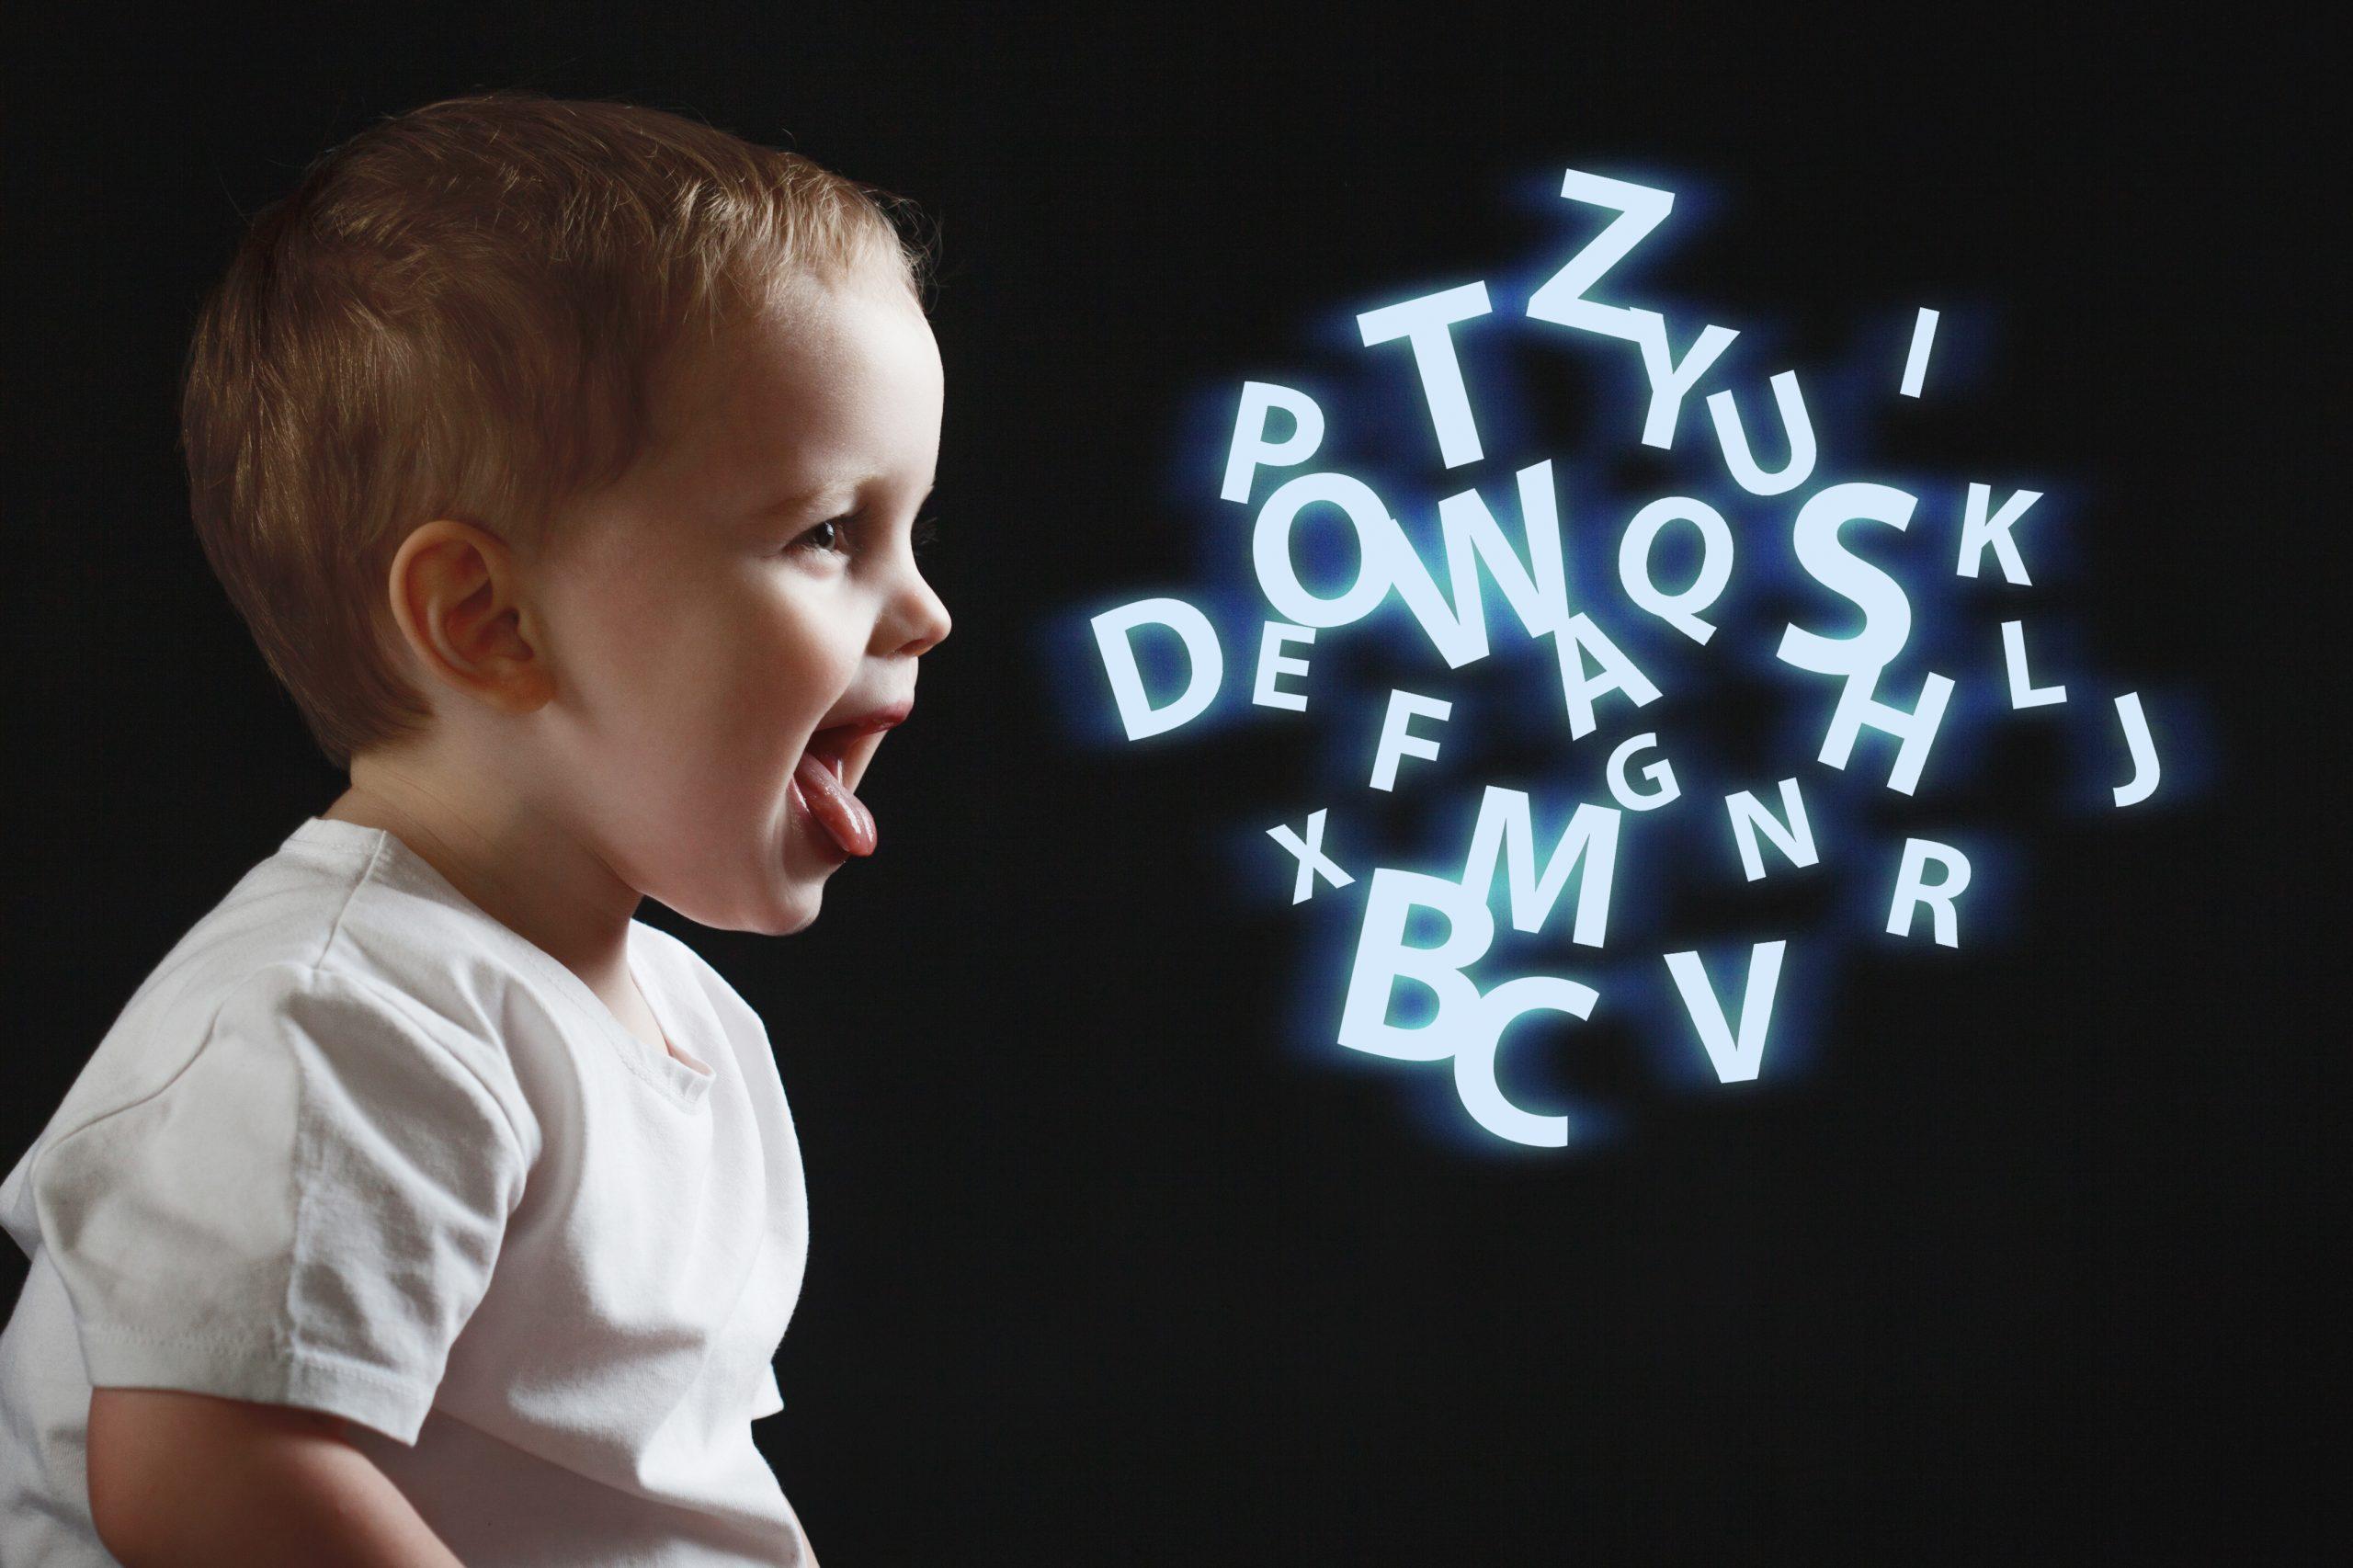 Когда ребенок говорит первое слово, и как ему помочь развивать речь